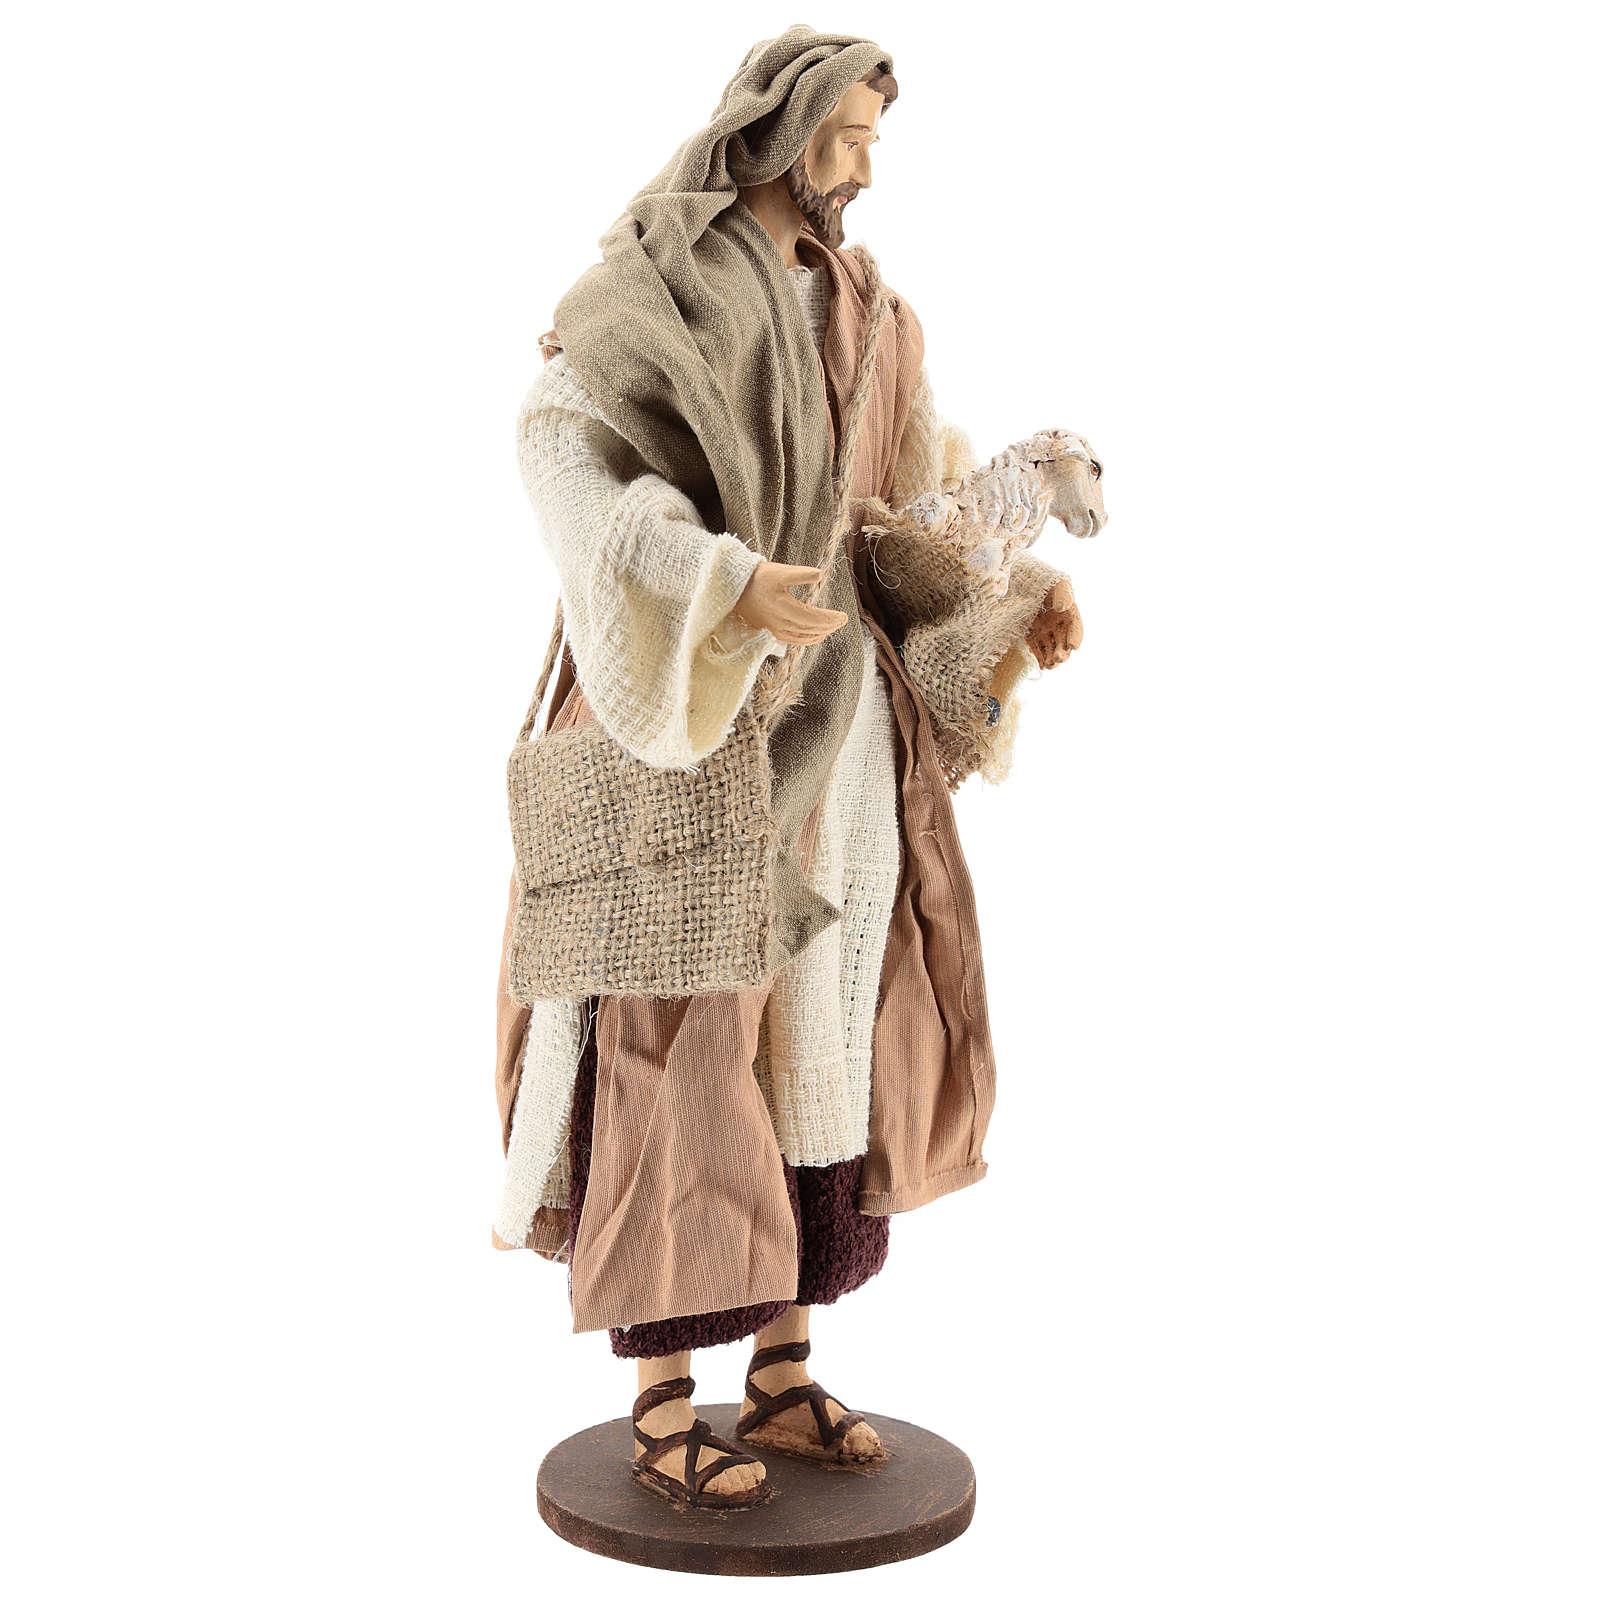 Pastore 30 cm in piedi con pecorella Shabby Chic 3